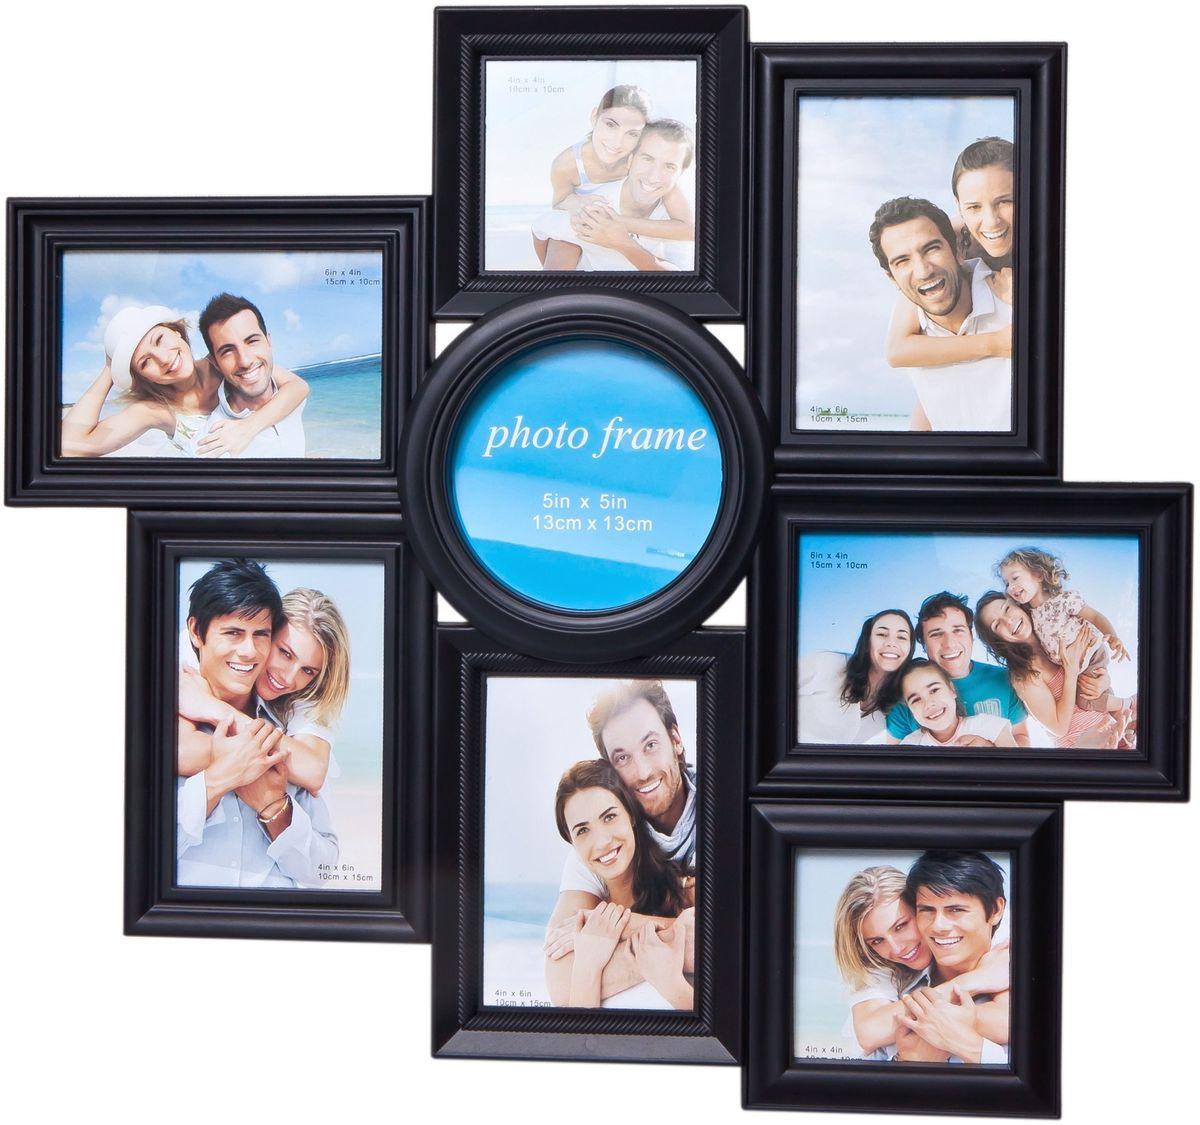 Фоторамка Platinum, цвет: черный, на 8 фото. BH-1408PLATINUM BH-1408-Black-ЧёрныйФоторамка Platinum - прекрасный способ красиво оформить ваши фотографии. Фоторамка выполнена из пластика и защищена стеклом. Фоторамка-коллаж представляет собой восемь фоторамок для фото разного размера оригинально соединенных между собой. Такая фоторамка поможет сохранить в памяти самые яркие моменты вашей жизни, а стильный дизайн сделает ее прекрасным дополнением интерьера комнаты. Фоторамка подходит для 5 фото 10 х 15 см, 1 фото 13 х 13 см и 2 фото 10 х 10 см. Общий размер фоторамки: 50 х 47 см.